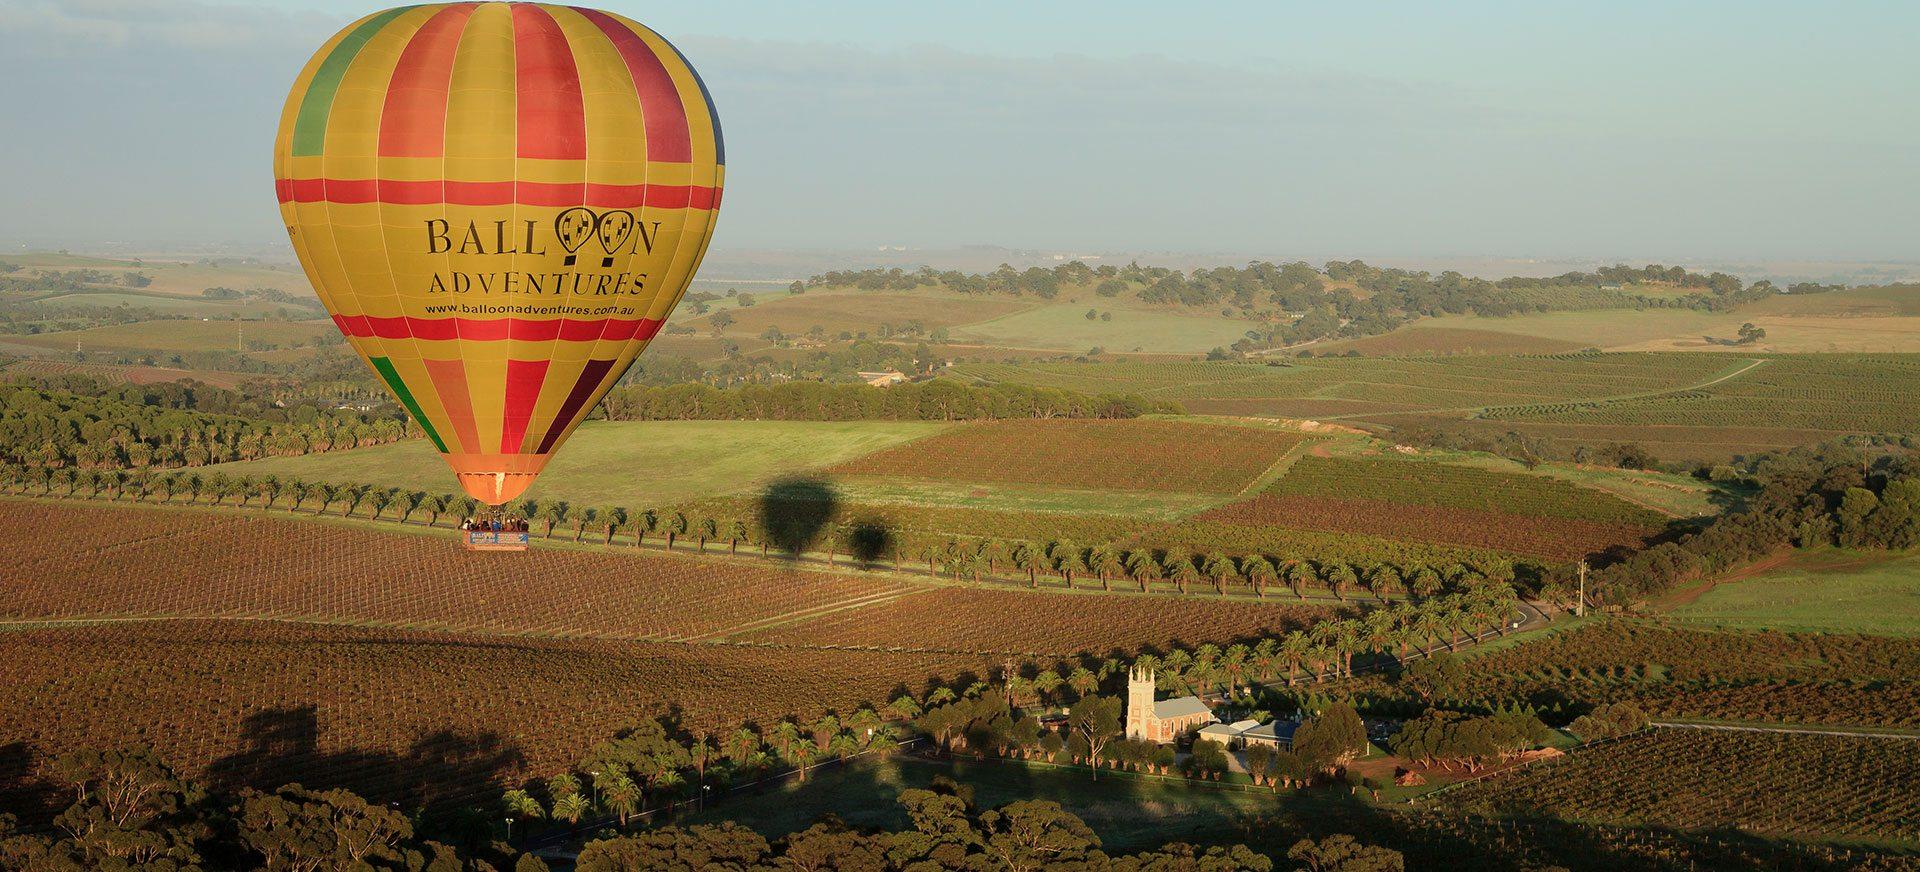 balloon-adventures-barossa-valley-hot-air-balloon-flights-scenic-gallery-10